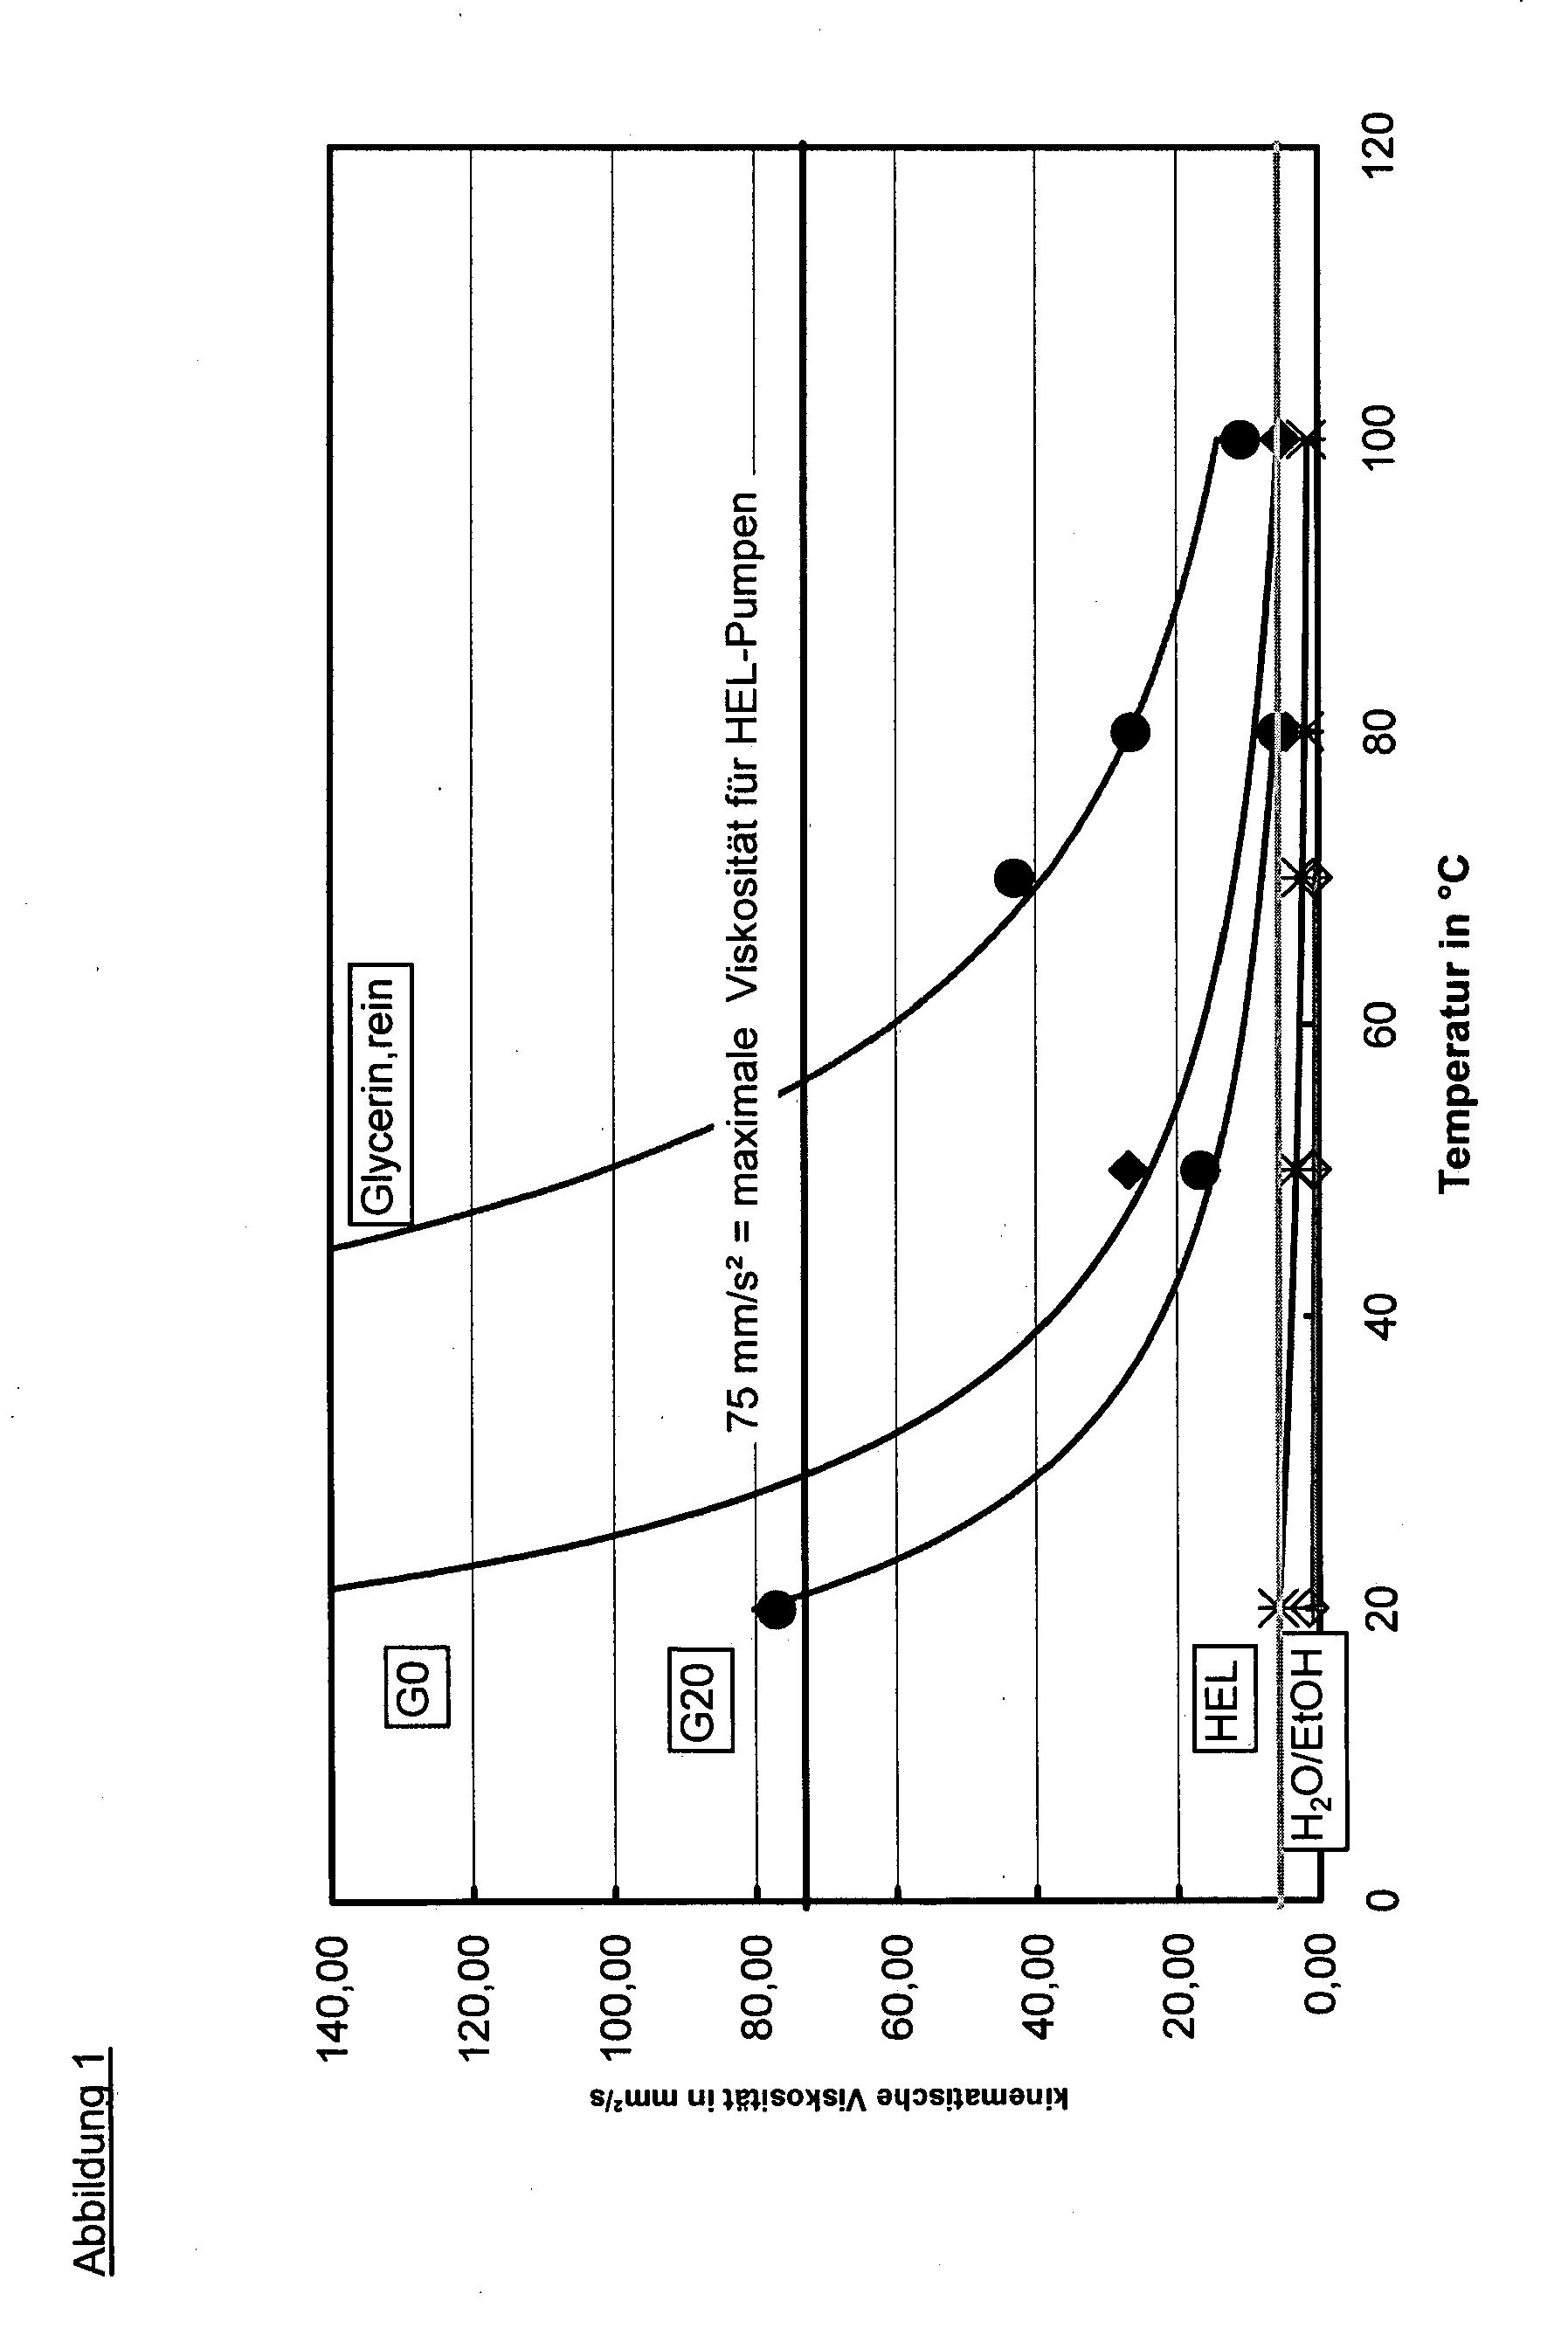 patent ep1950273a1 verwendung von glycerin glycerin ethanol bzw glycerin methanol gemischen. Black Bedroom Furniture Sets. Home Design Ideas